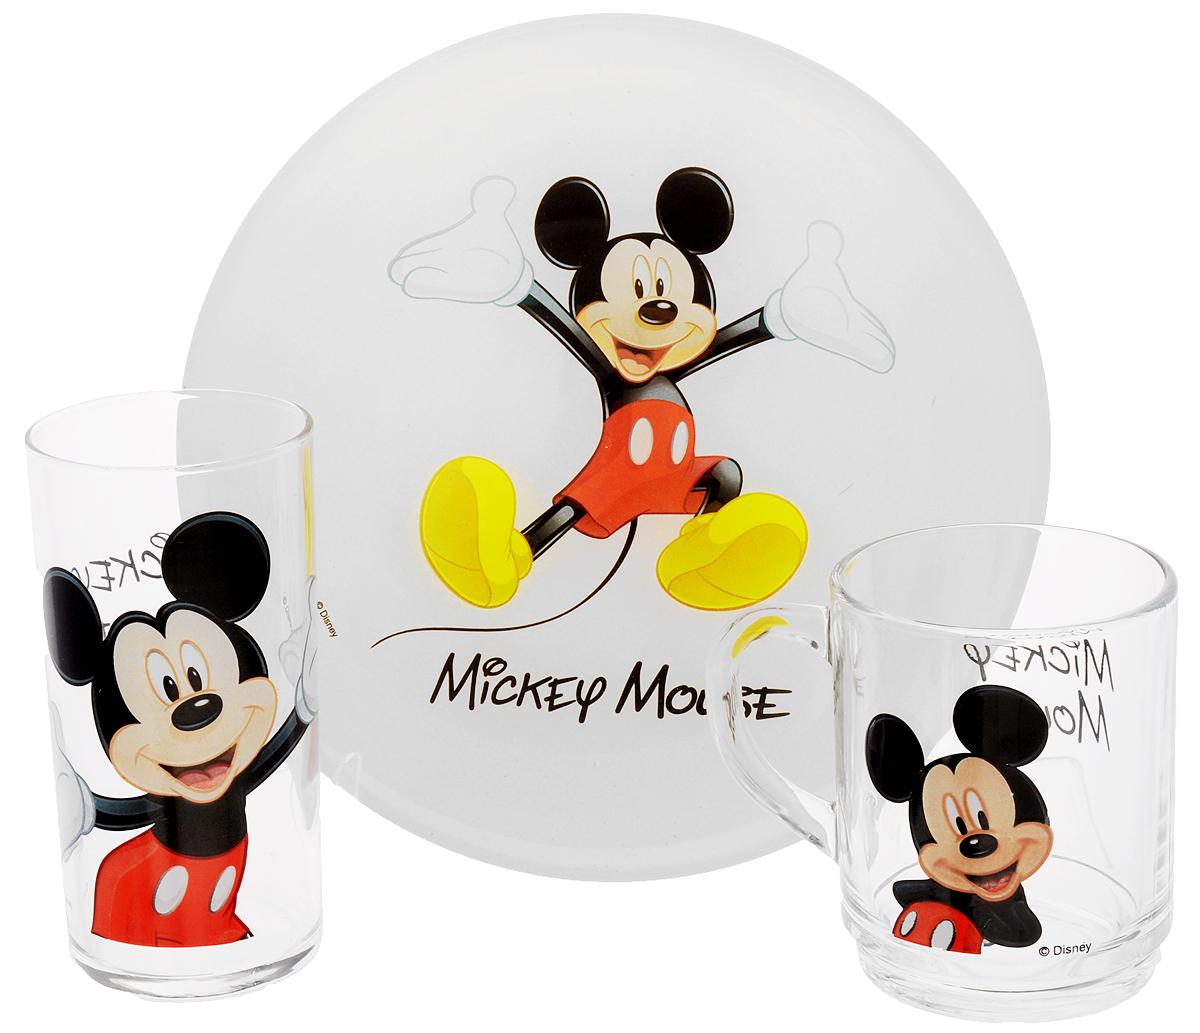 Luminarc Набор детской посуды Mickey Colors 3 предметаH5320Набор Luminarc Mickey Colors состоит из кружки, тарелки и стакана, изготовленных из ударопрочного стекла. Предметы набора оформлены изображением Микки Мауса. Такой набор привлечет внимание вашего ребенка и не позволит ему скучать. Яркий дизайн посуды превратит прием пищи ребенка в увлекательное занятие. Предметы набора можно мыть в посудомоечной машине и использовать в микроволновой печи. Объем кружки: 250 мл. Диаметр кружки по верхнему краю: 7 см. Высота кружки: 9 см. Объем стакана: 270 мл. Диаметр стакана по верхнему краю: 6 см. Высота стакана: 12 см. Диаметр тарелки: 20 см.